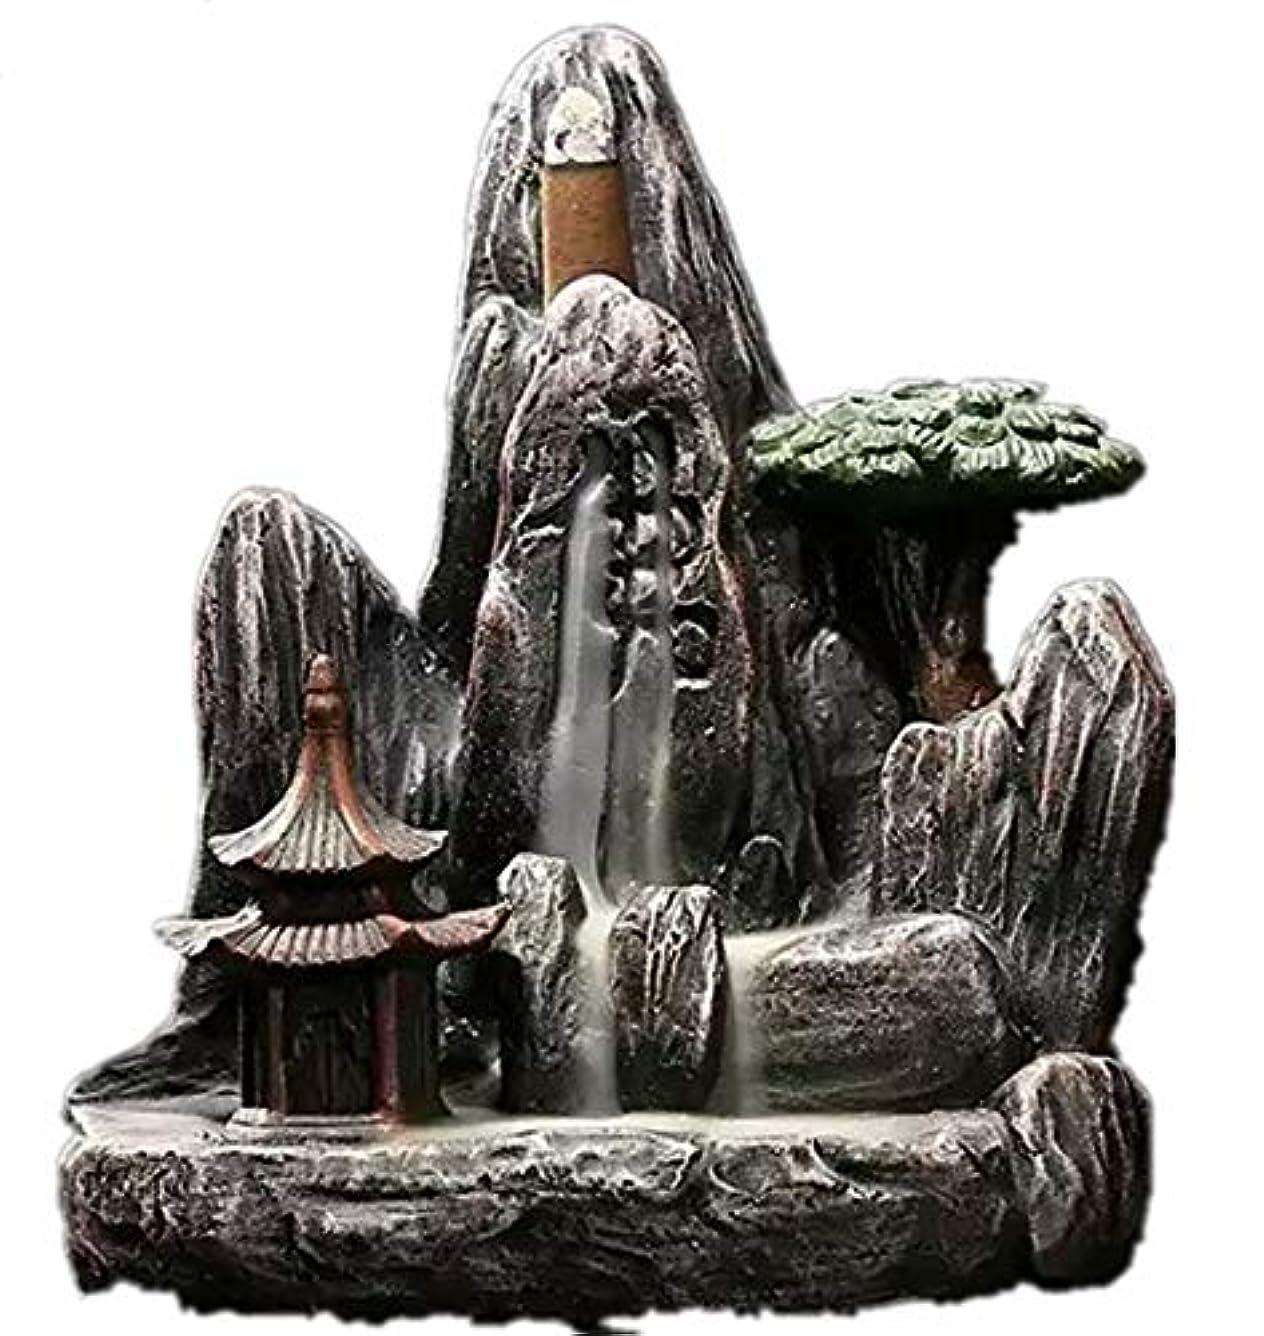 突撃アーティファクト方言XPPXPP Backflow Incense Burner, Household Ceramic Returning Cone-shaped Candlestick Burner